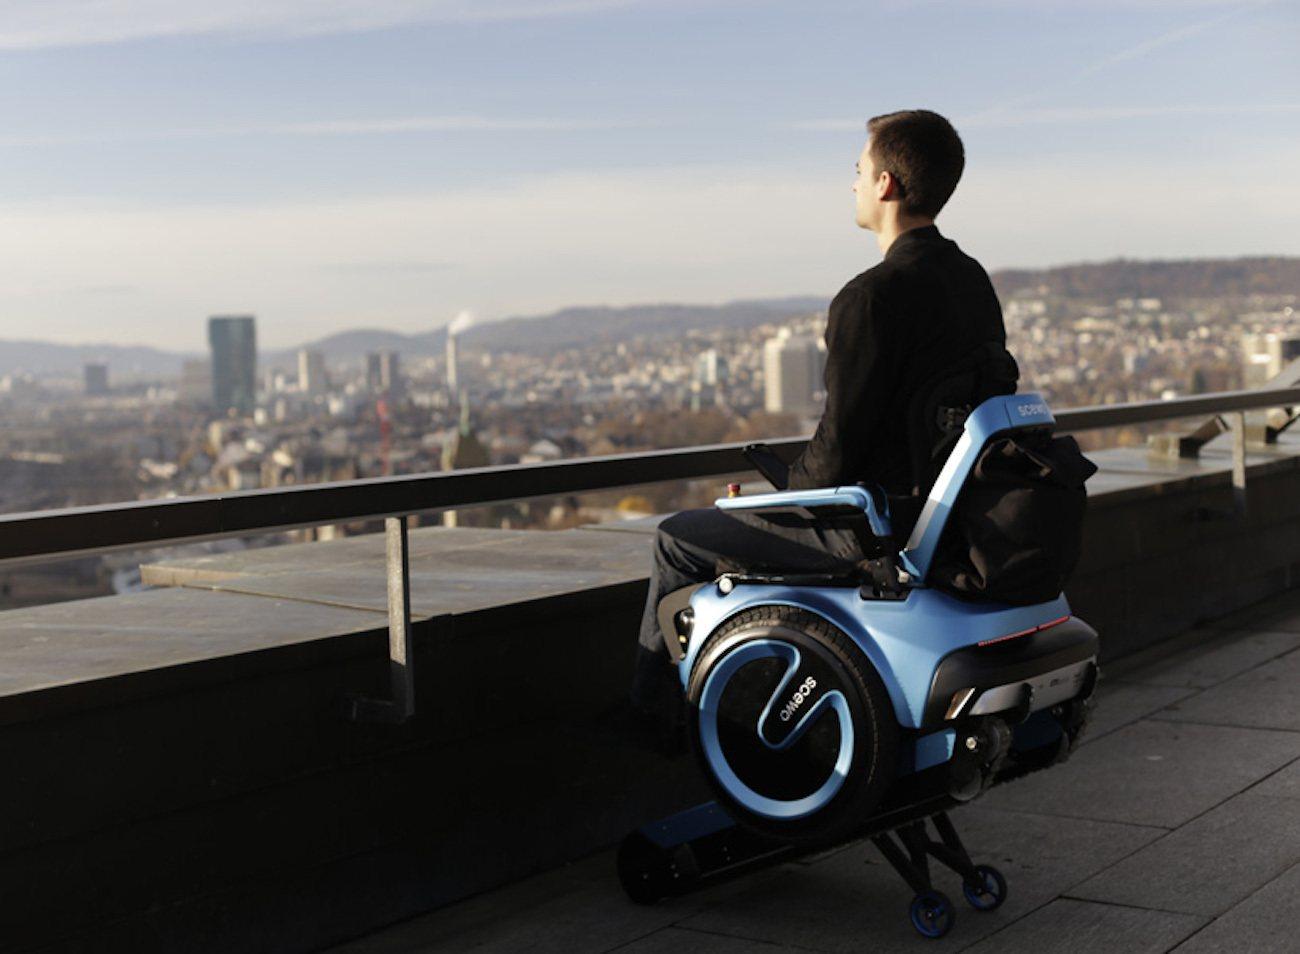 Scewo Stair Climbing Wheelchair » Gadget Flow